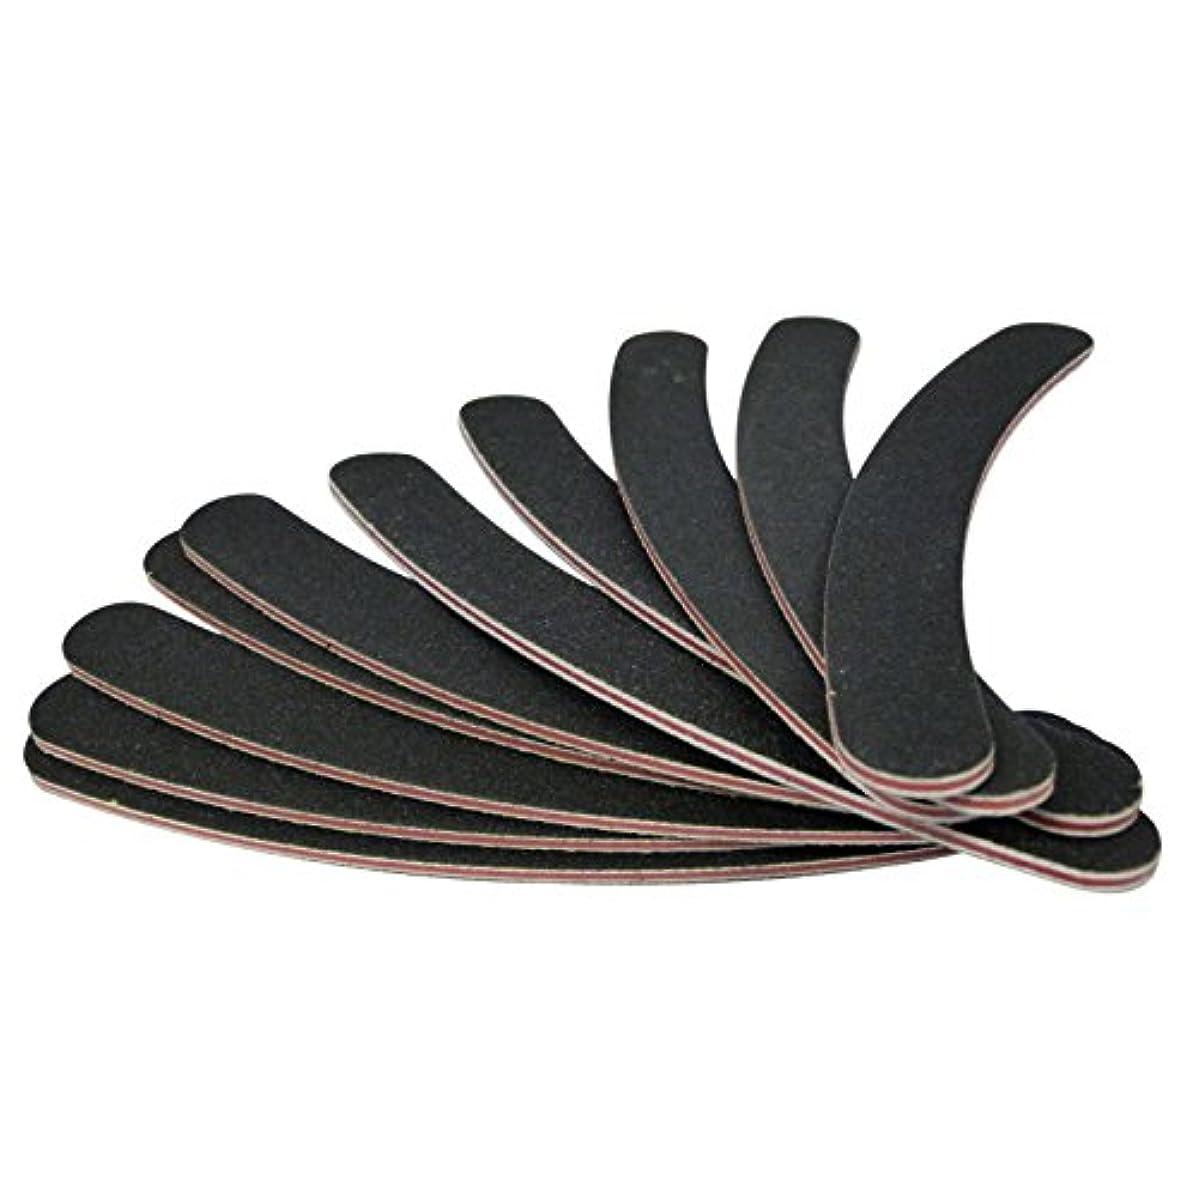 印刷する散歩リングAFBEST 10ダブル両面100/180グリットブーメラン/バナナカーブ爪やすり英国エメリーボード